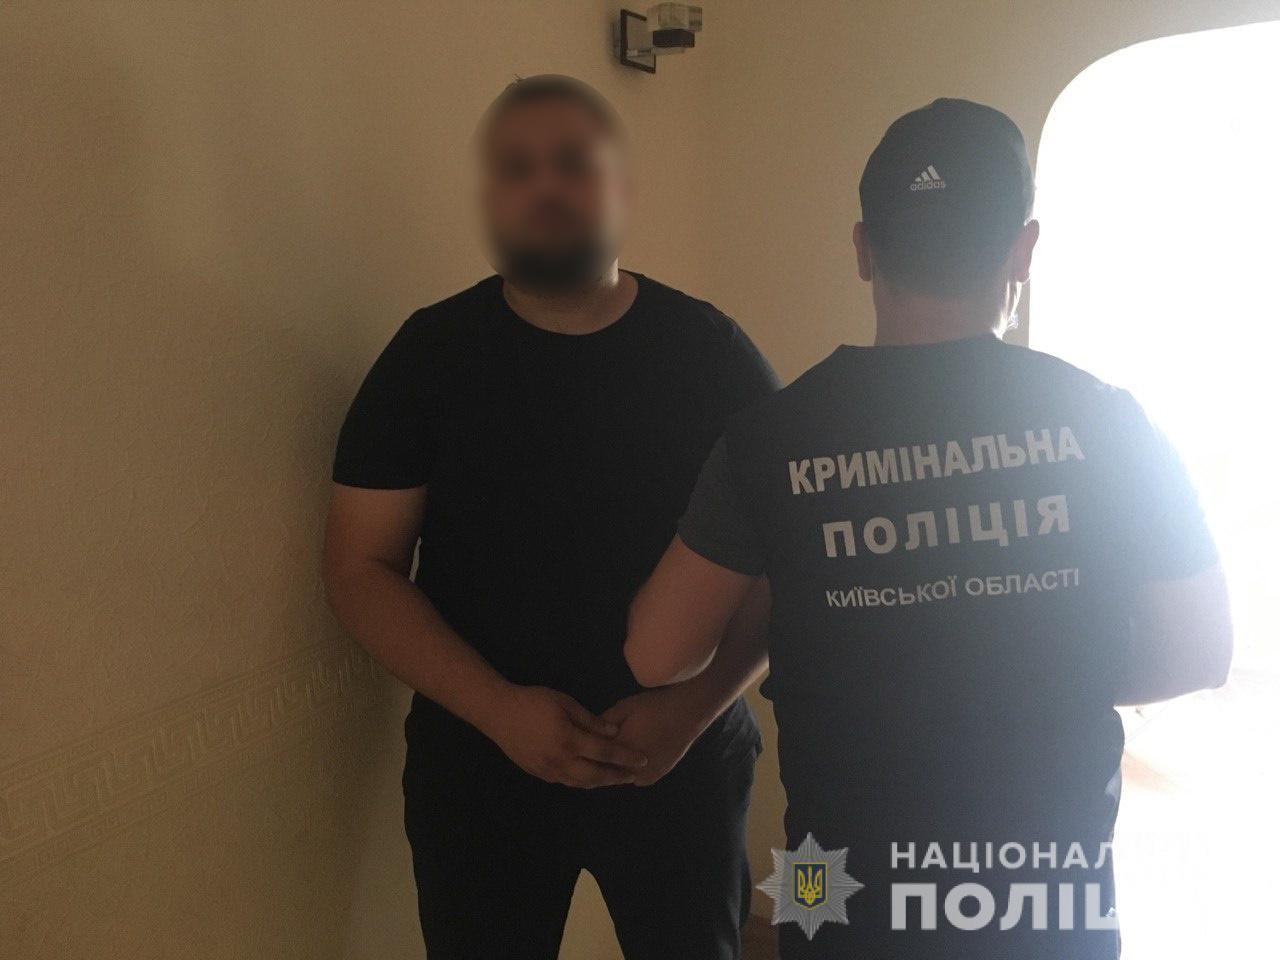 Можливими нападниками виявились жителі Києва.